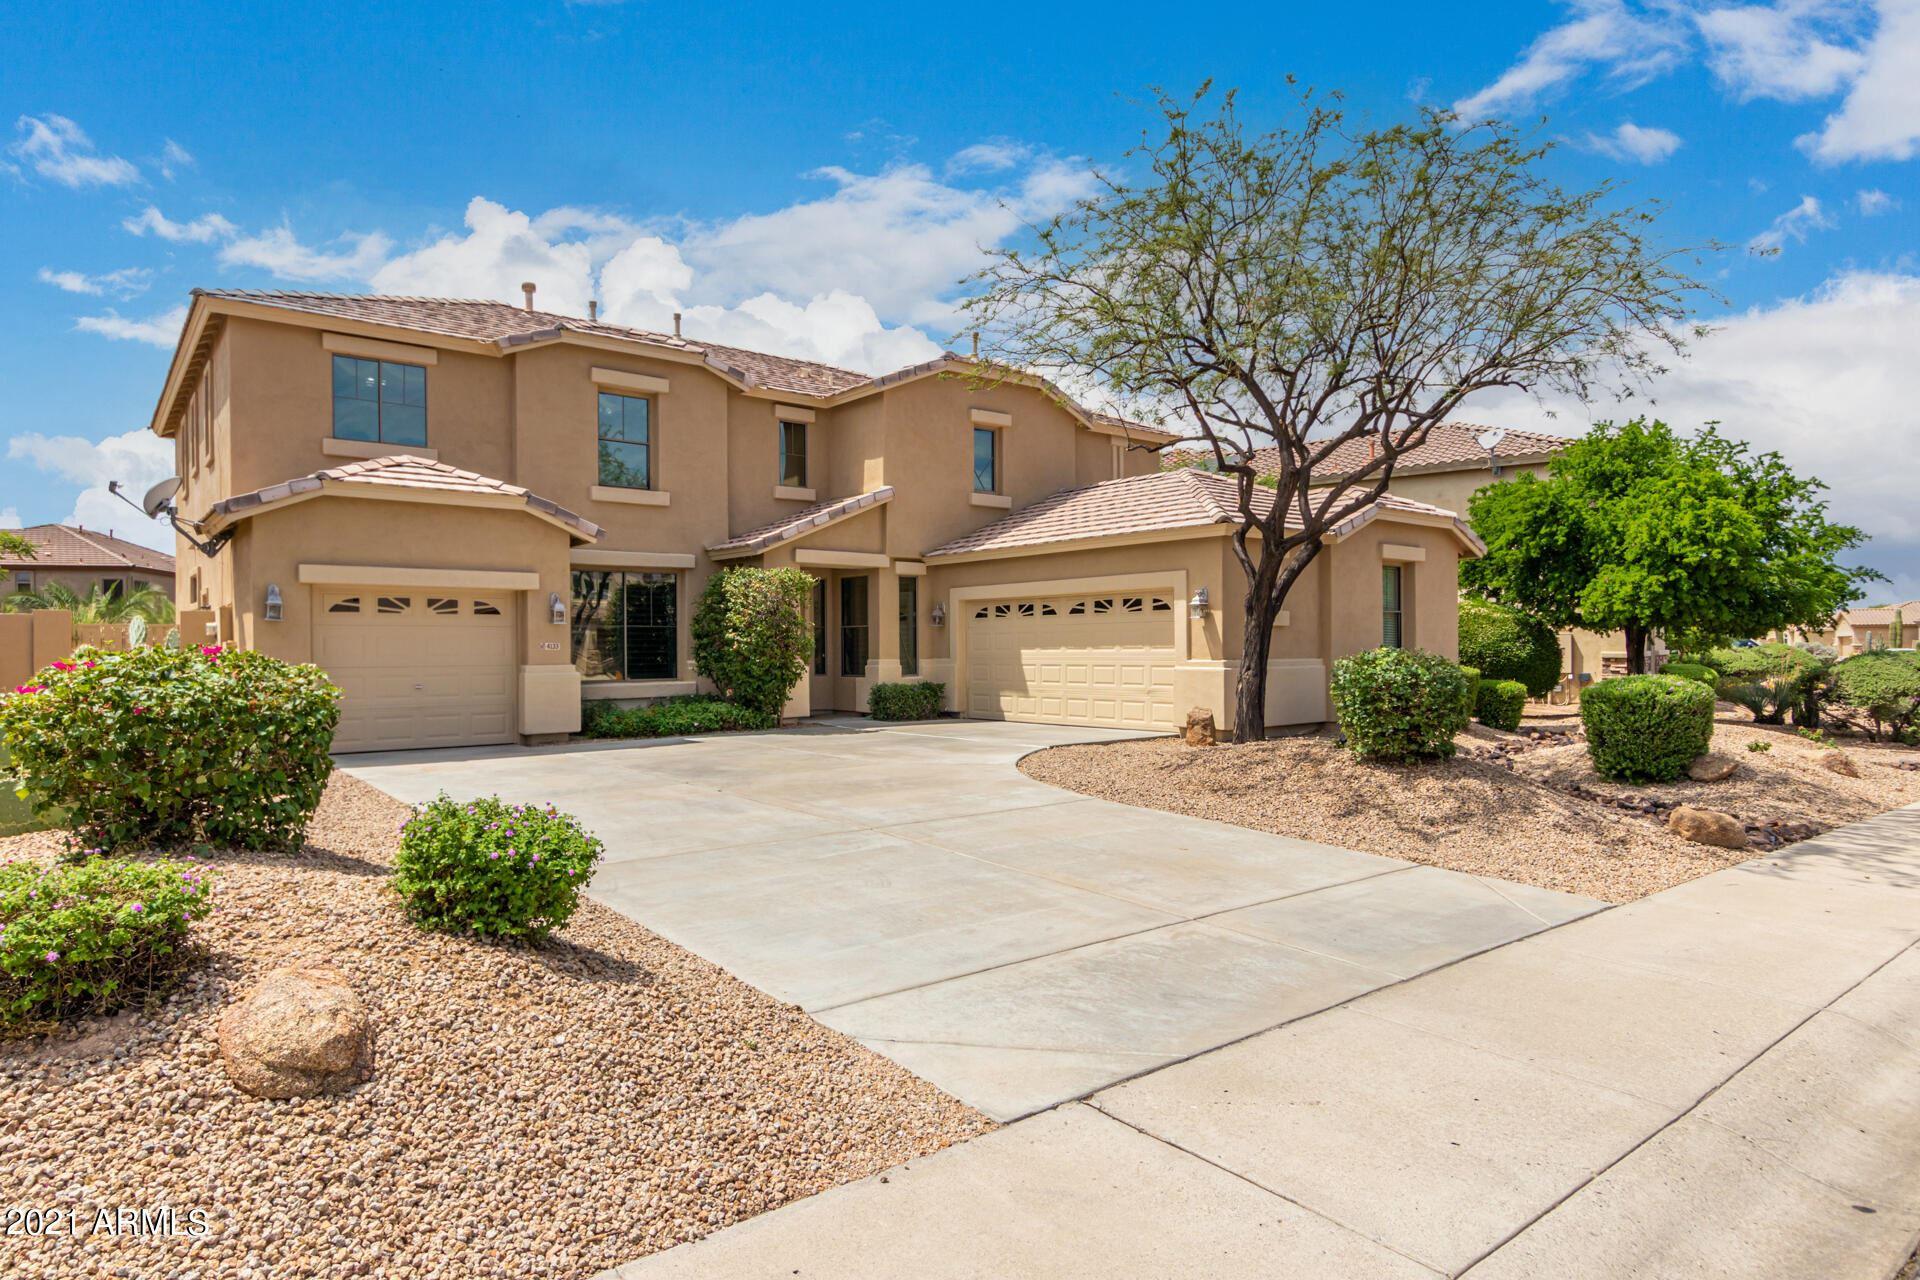 Photo of 4133 E PULLMAN Road, Cave Creek, AZ 85331 (MLS # 6288121)